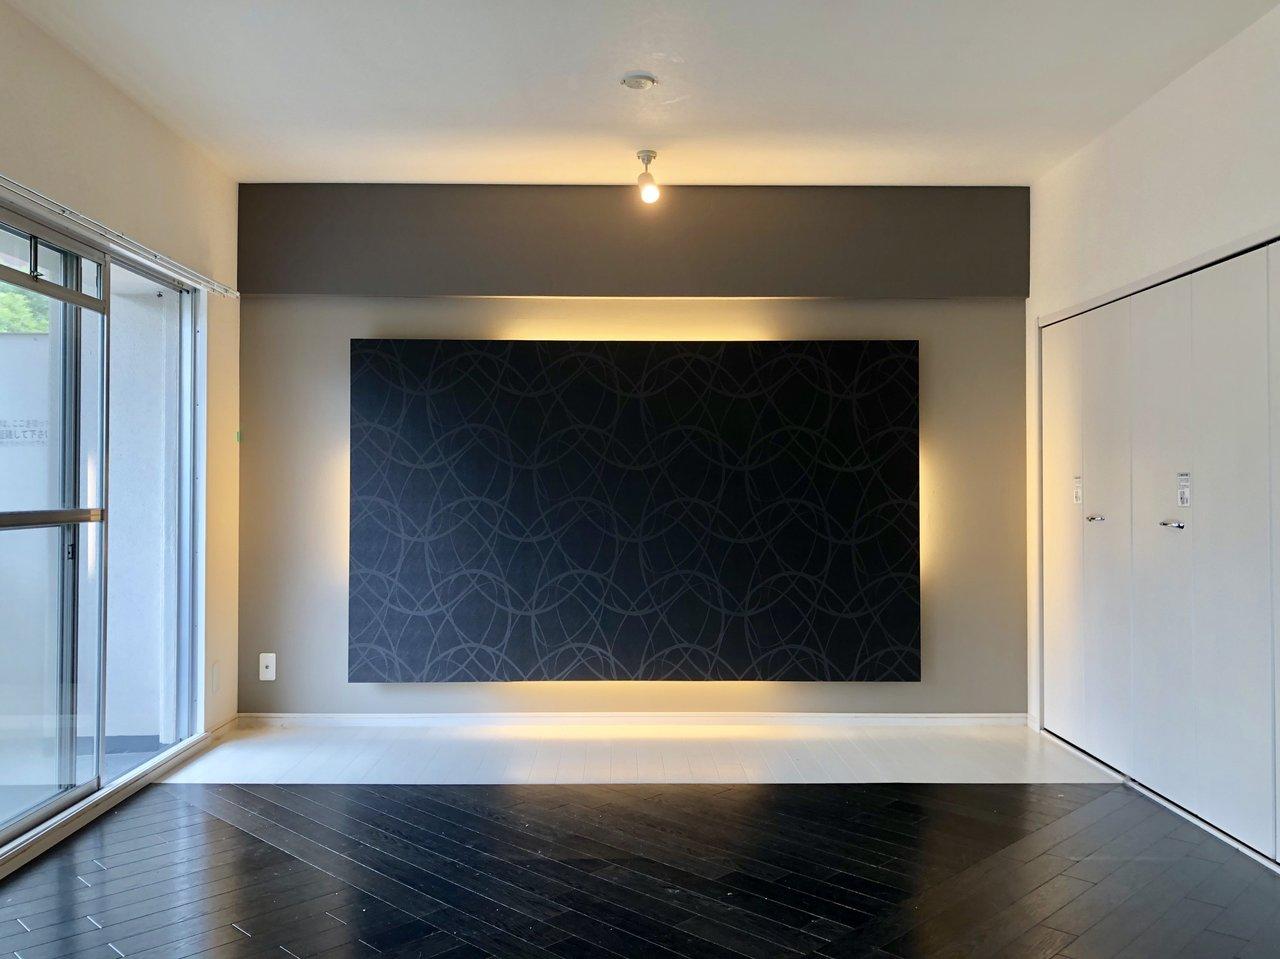 黒と白のモノトーンコーディネートに仕上げたい方におすすめ、ありそうでなかなかない「真っ黒」なフローリングのお部屋です